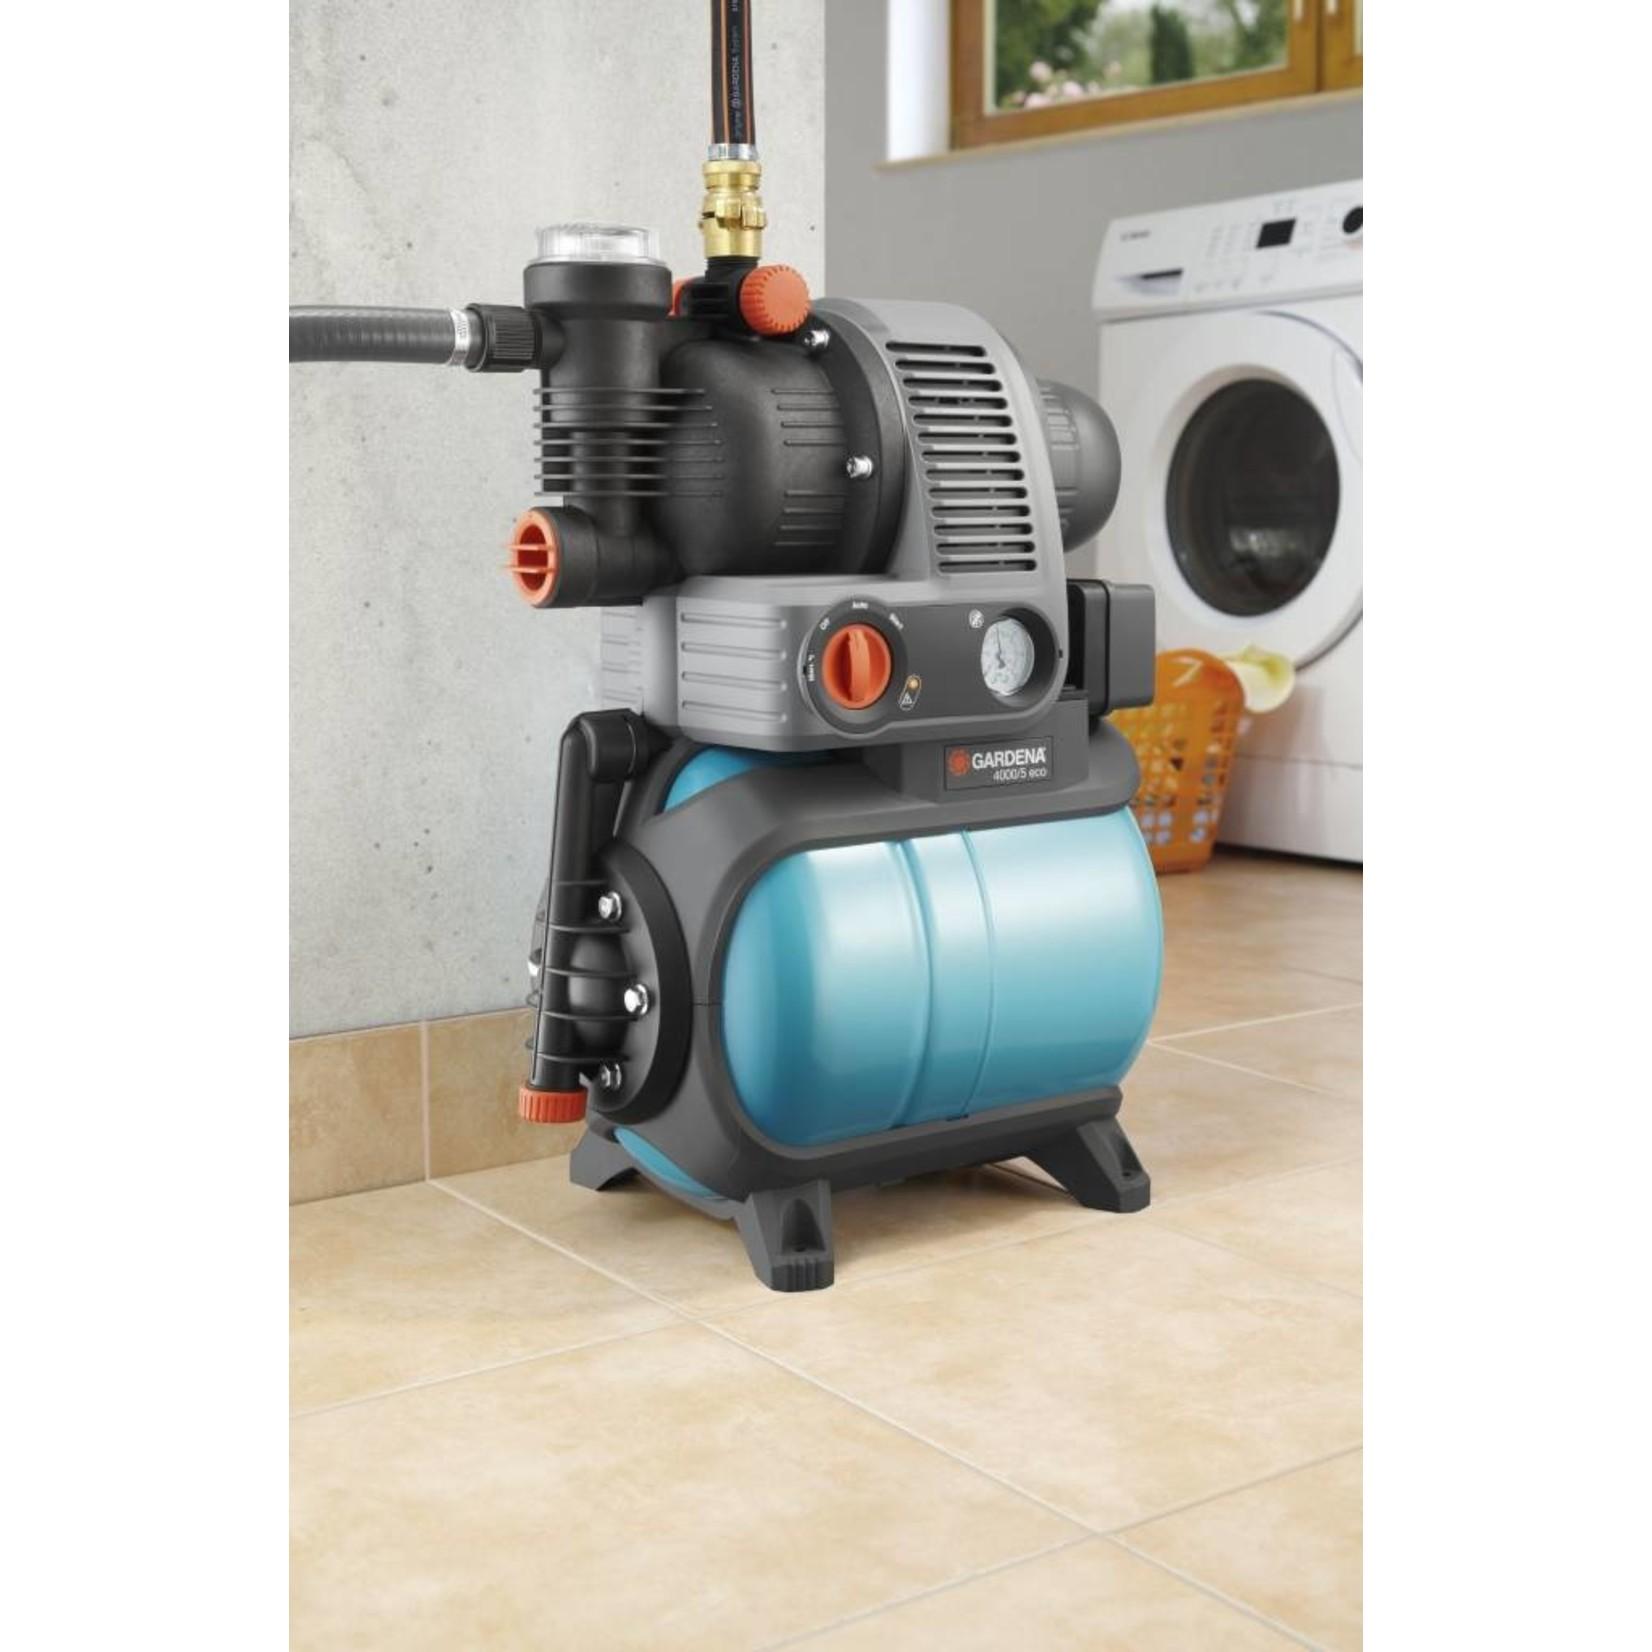 Gardena Gardena Comfort hydrofoorpomp met watertank 4000/5 eco